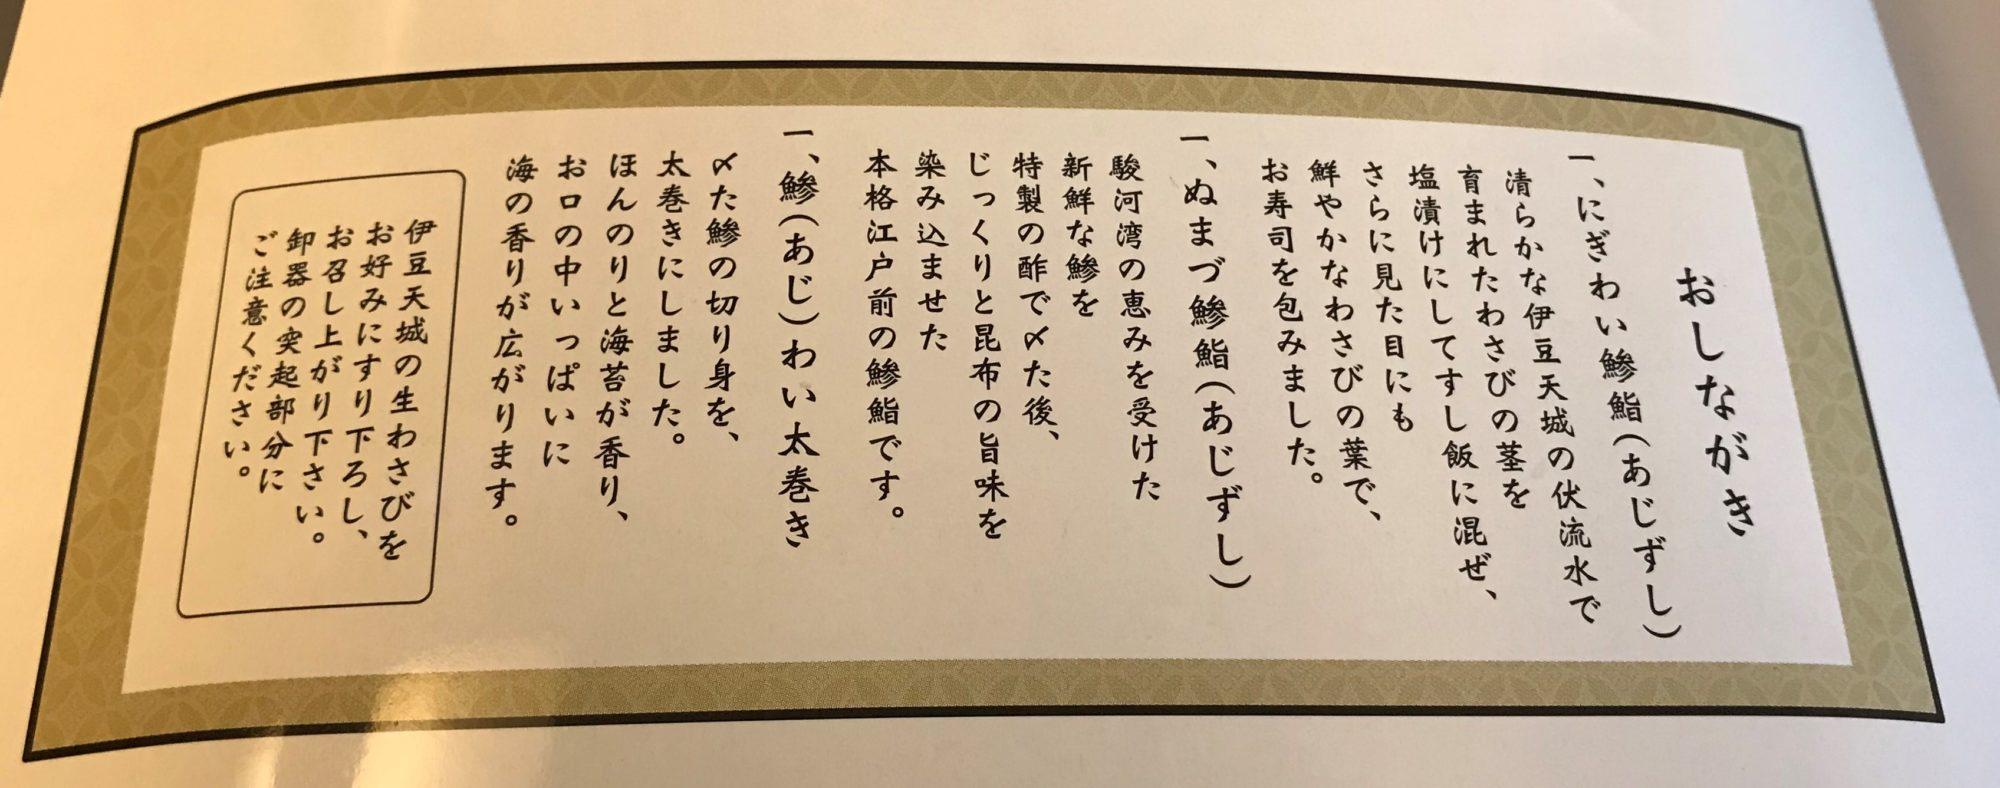 港あじ鮨お品書き